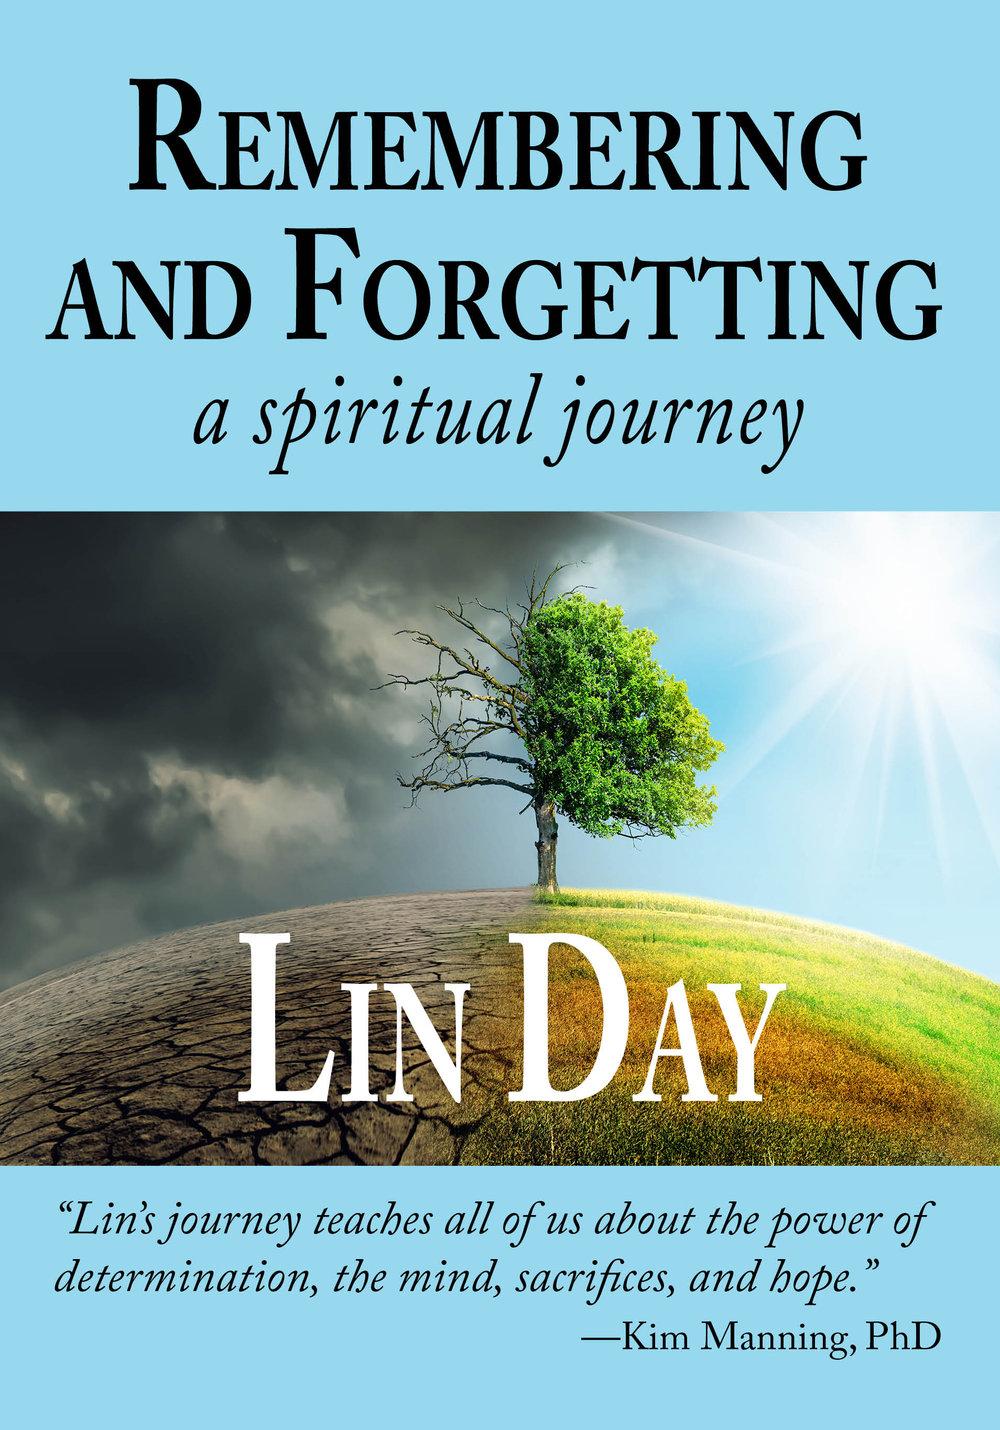 Lin Day Cover 9781945875311-JacketBlue.jpg